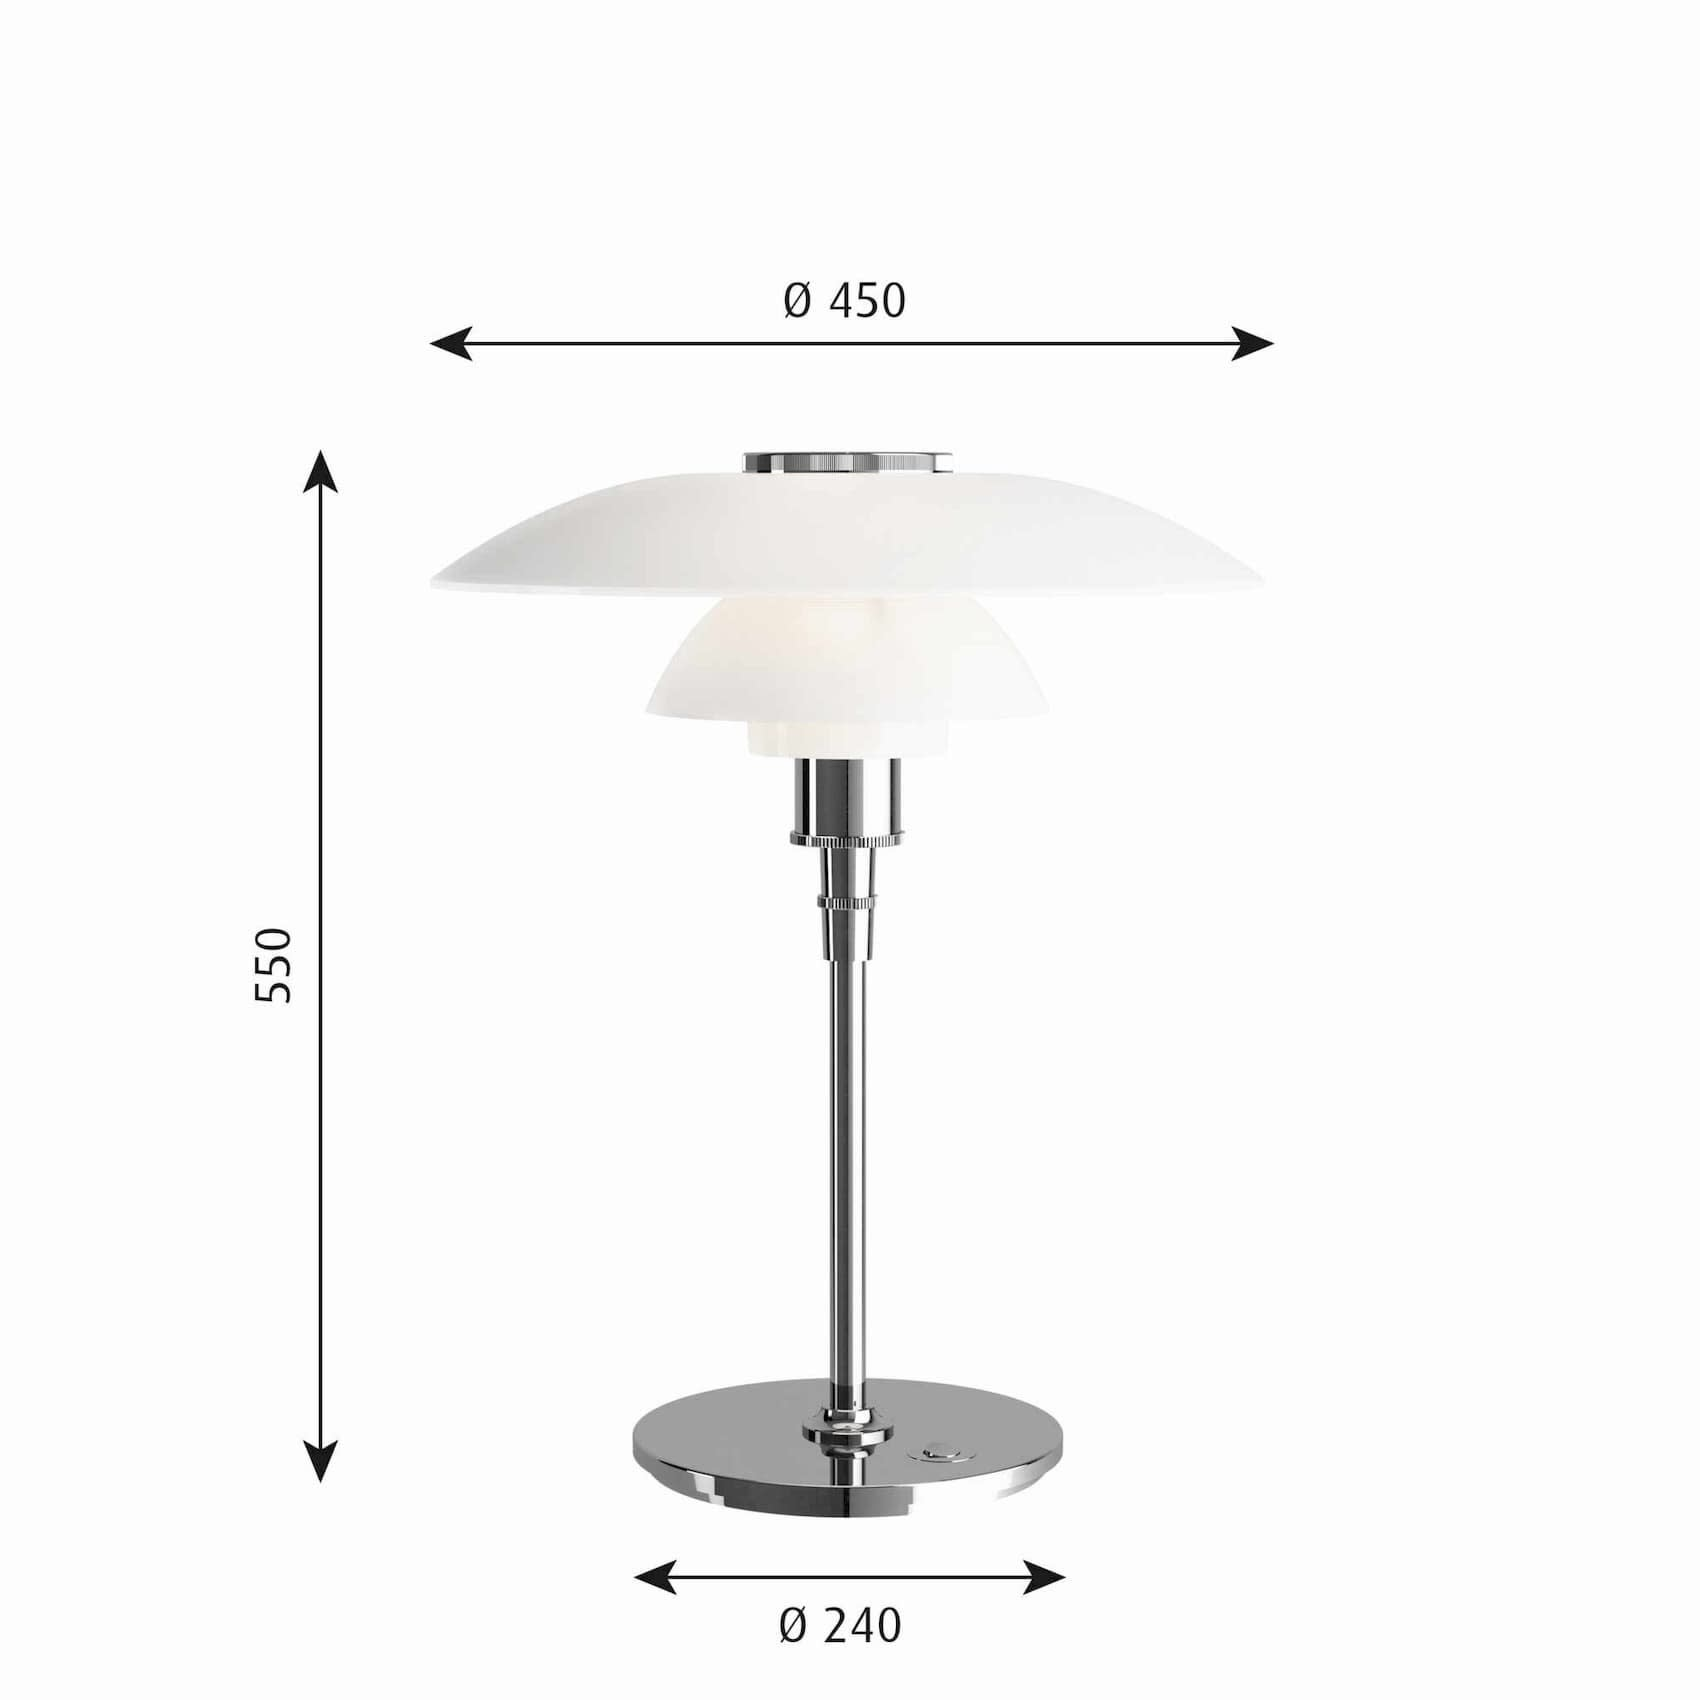 louis-poulsen-4-3-table-lamp-dimensions